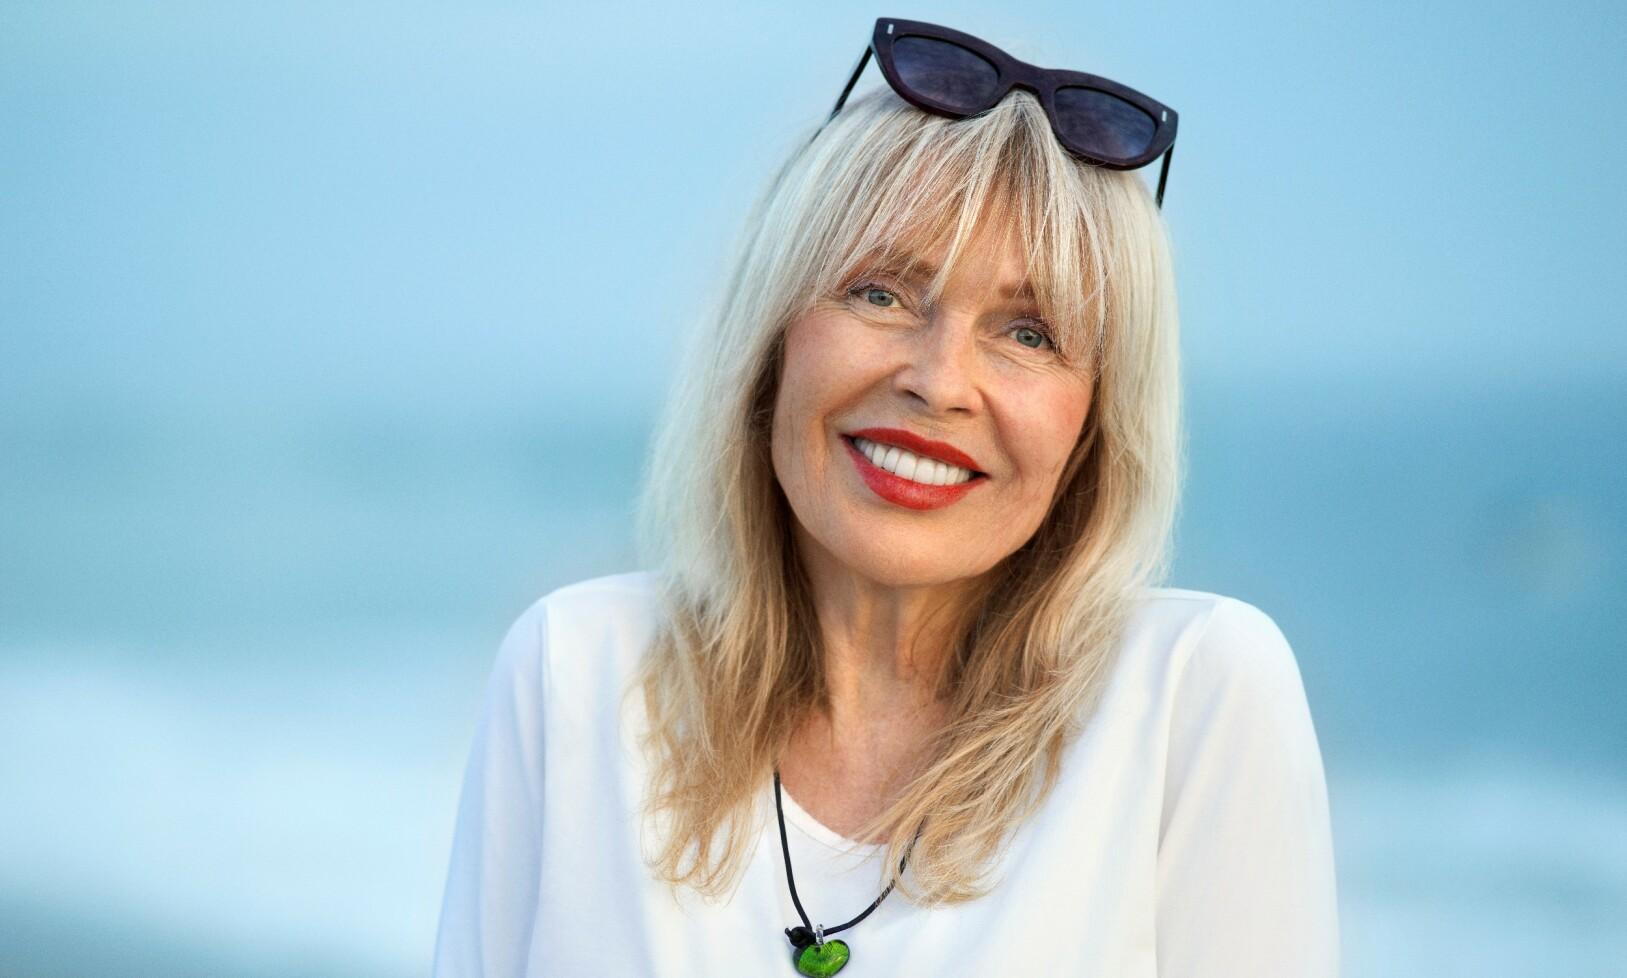 BEDRE LIV: Lillian Müller synes livet har blitt bedre med årene, og takker livsstilen sin for det. Foto: Morten Quale